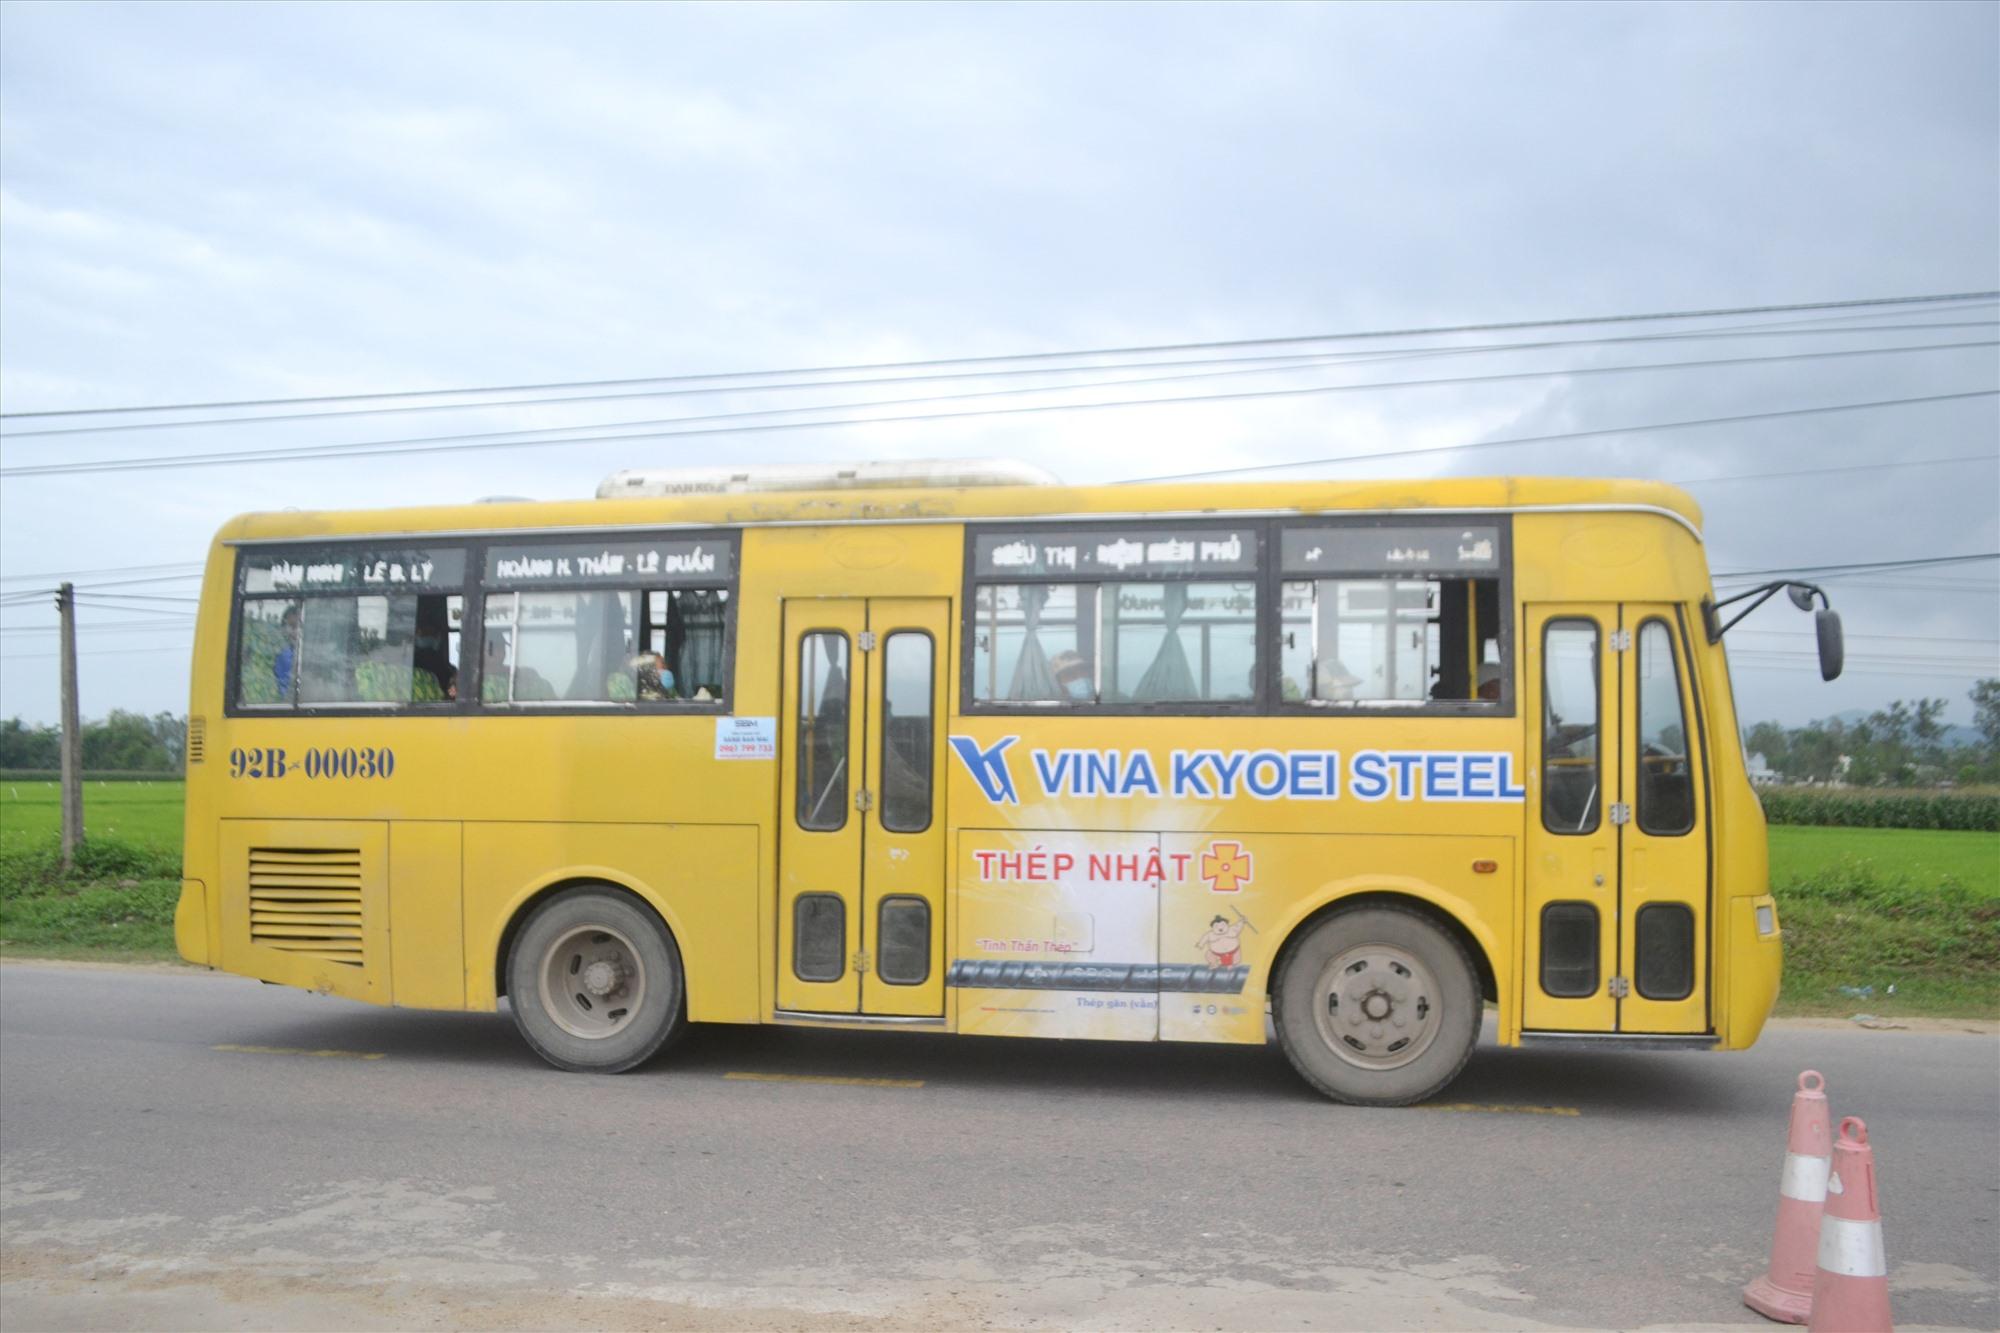 Sở GTVT Quảng Nam đề nghị xe buýt ra Đà Nẵng thực hiện cắt giảm chở số người trên xe. Ảnh: CT